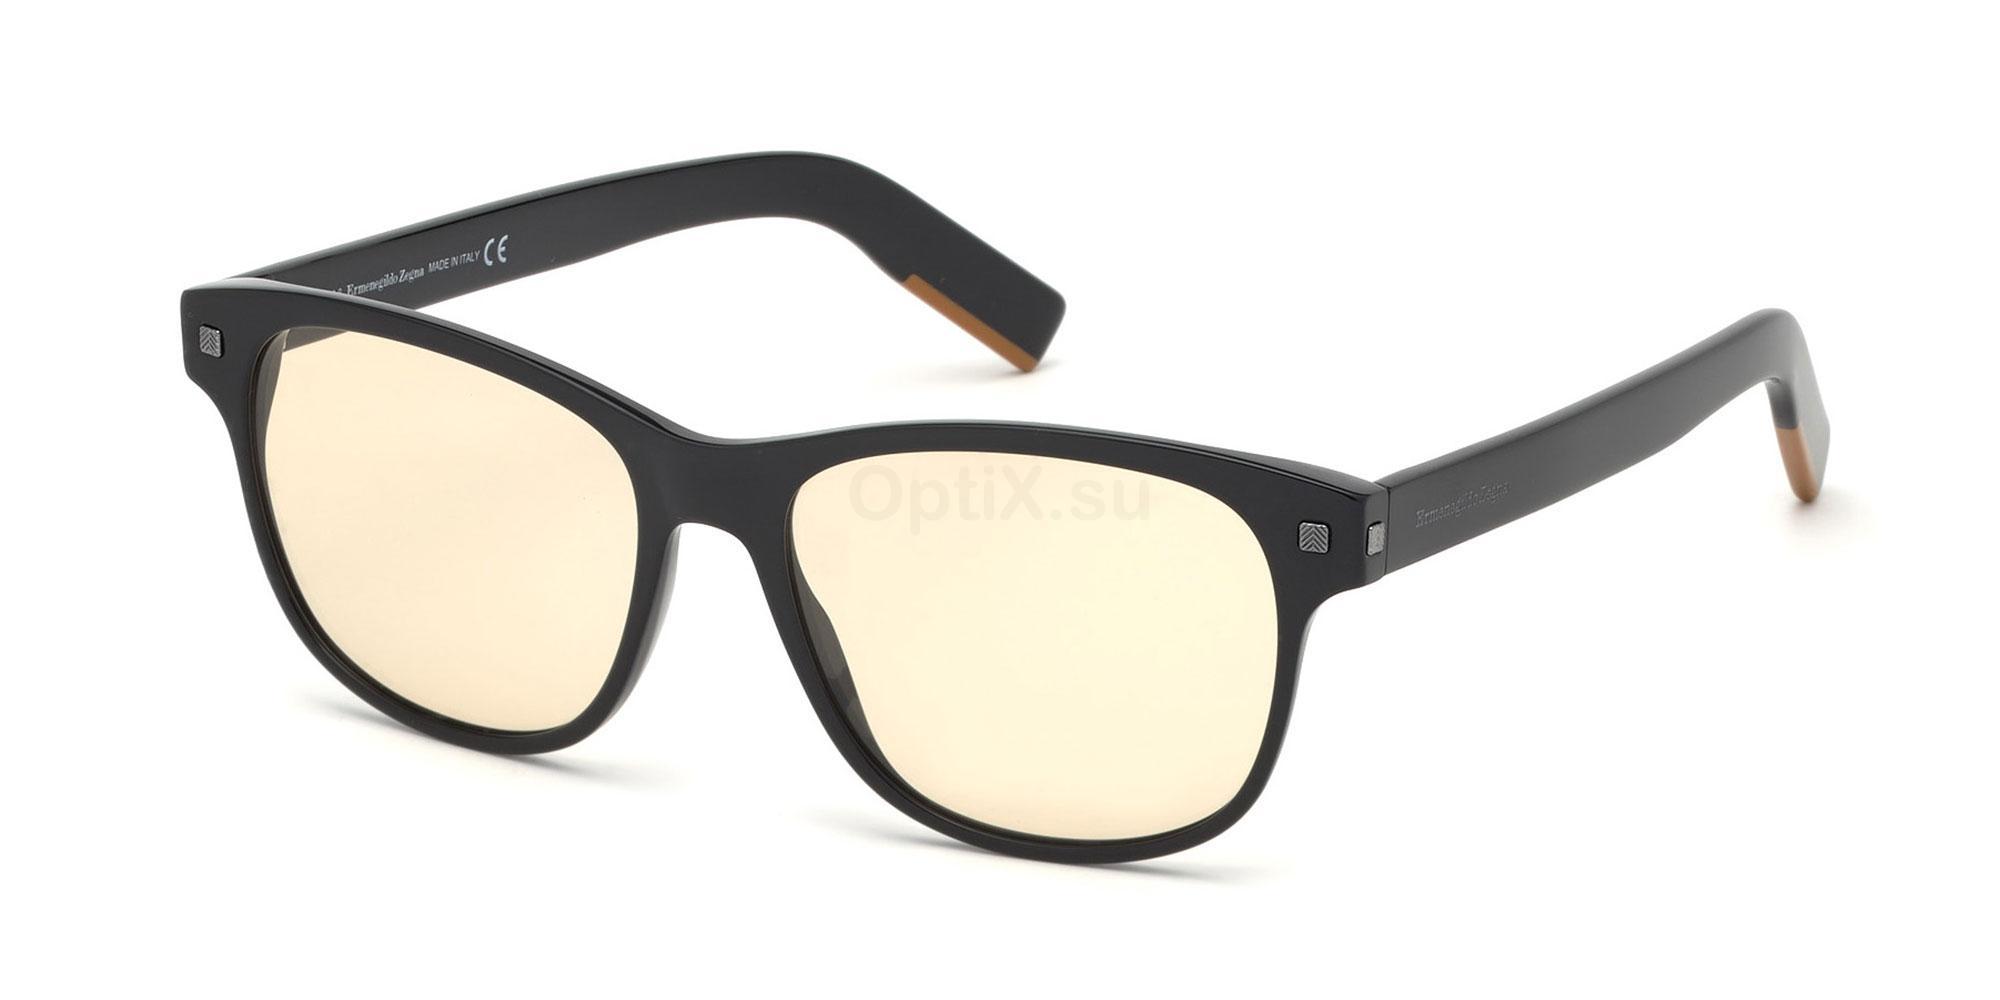 001 EZ5158 Glasses, Ermenegildo Zegna